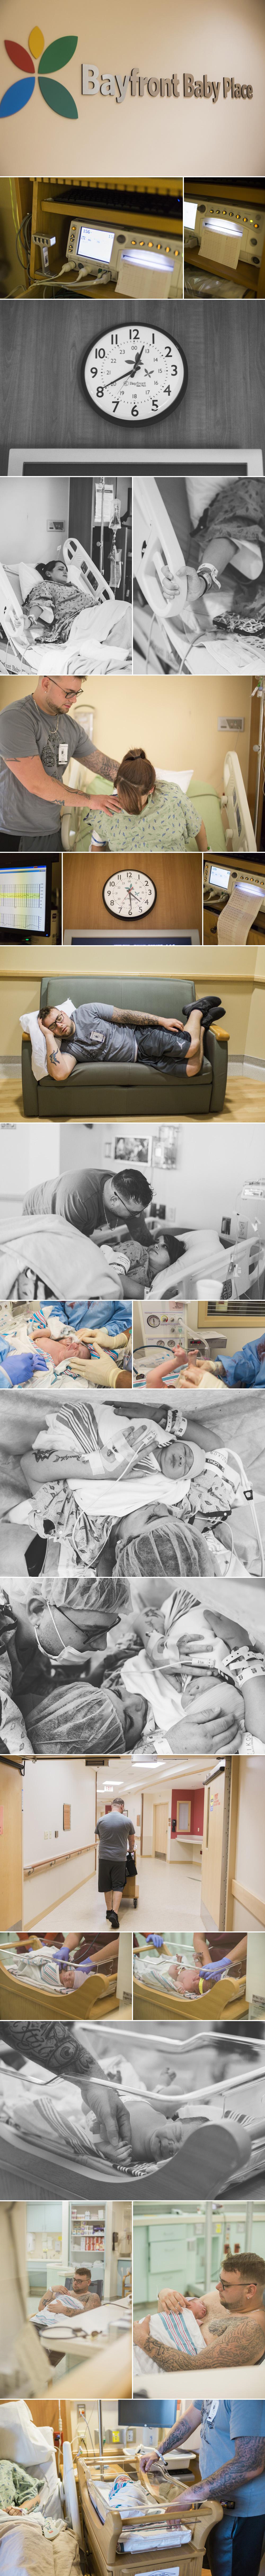 adrian birth